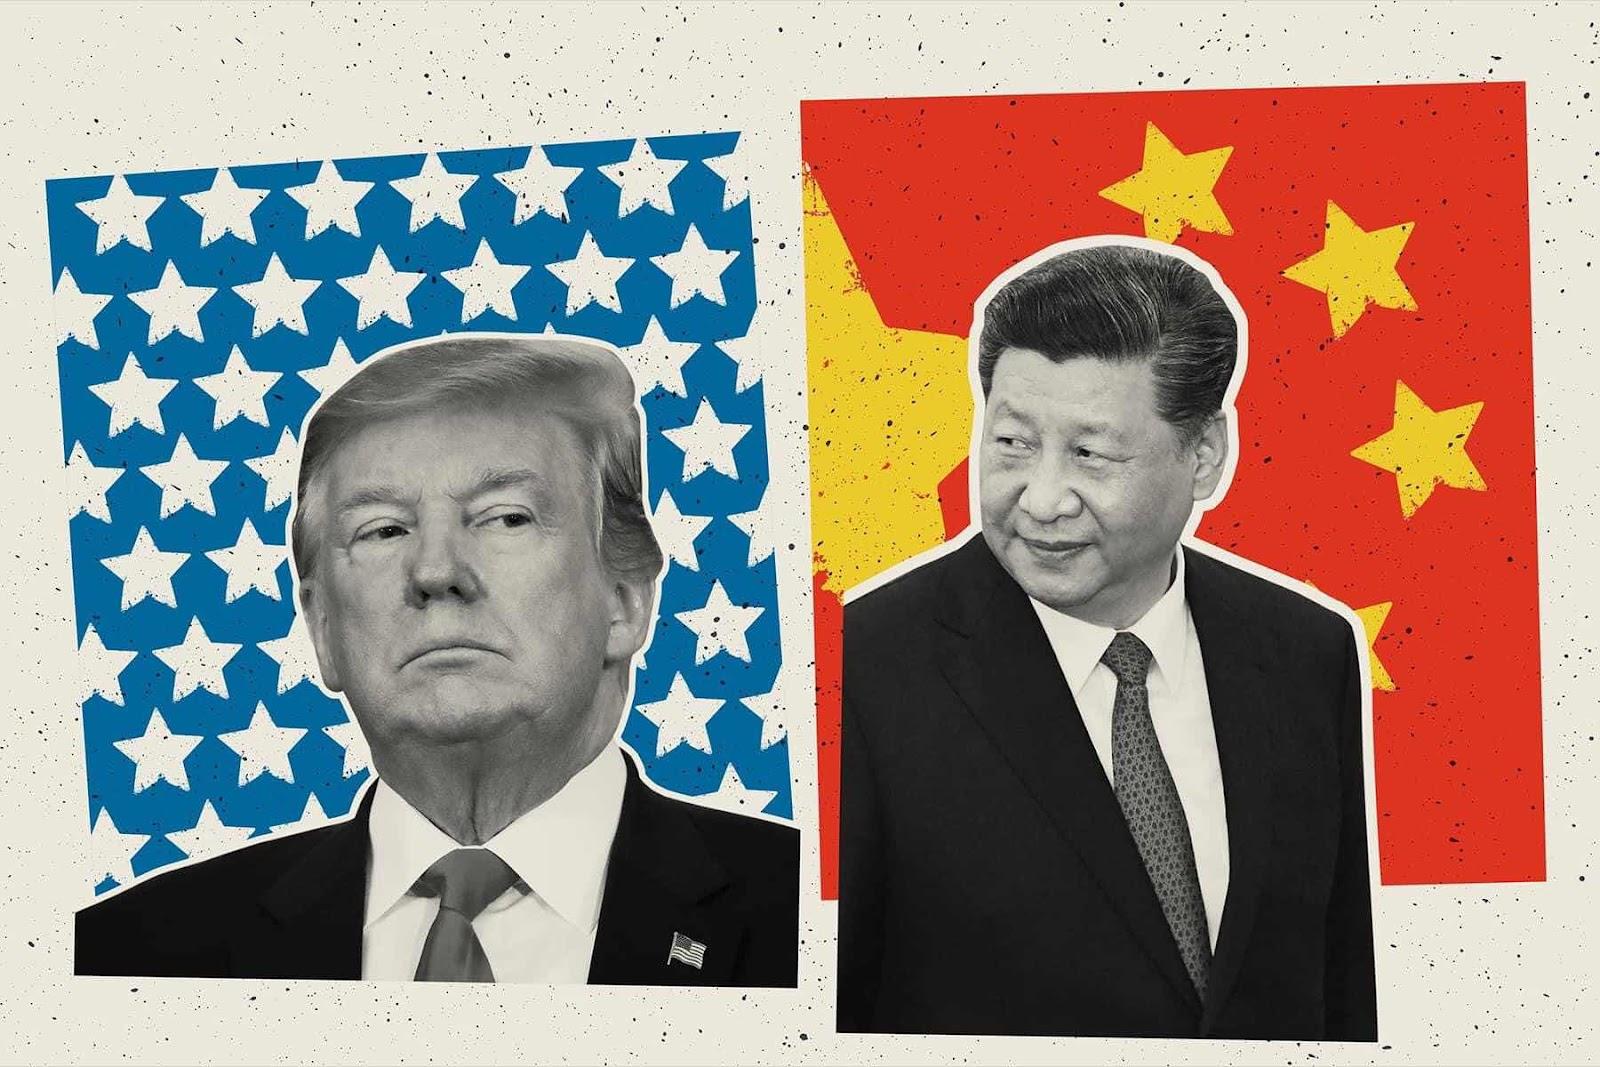 Nếu Trung Quốc đoạn tuyệt bang giao với Mỹ thì Việt Nam ra sao?